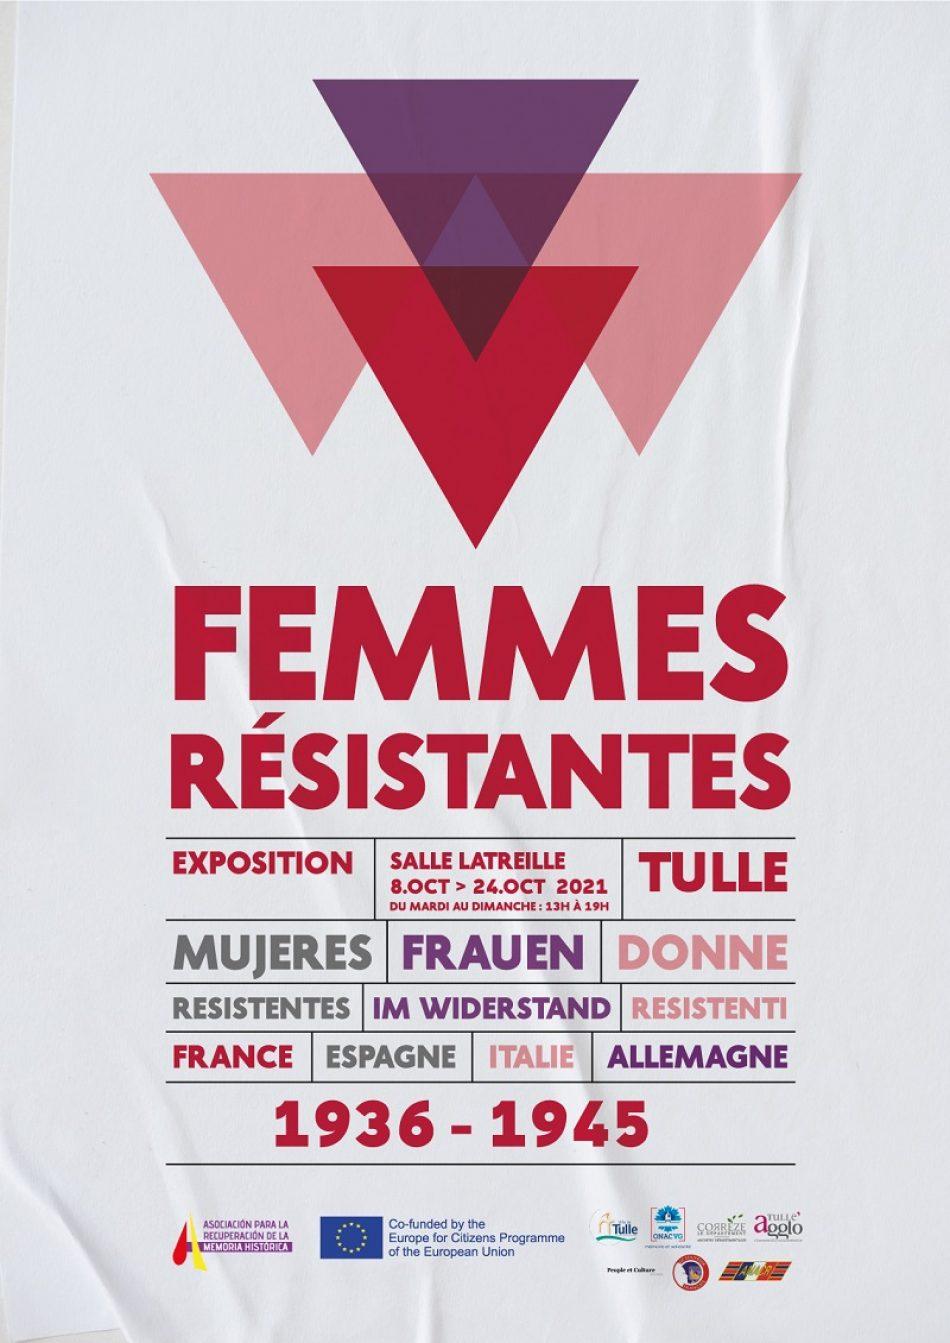 La exposición 'Mujeres Resistentes' inaugura en Francia su recorrido europeo